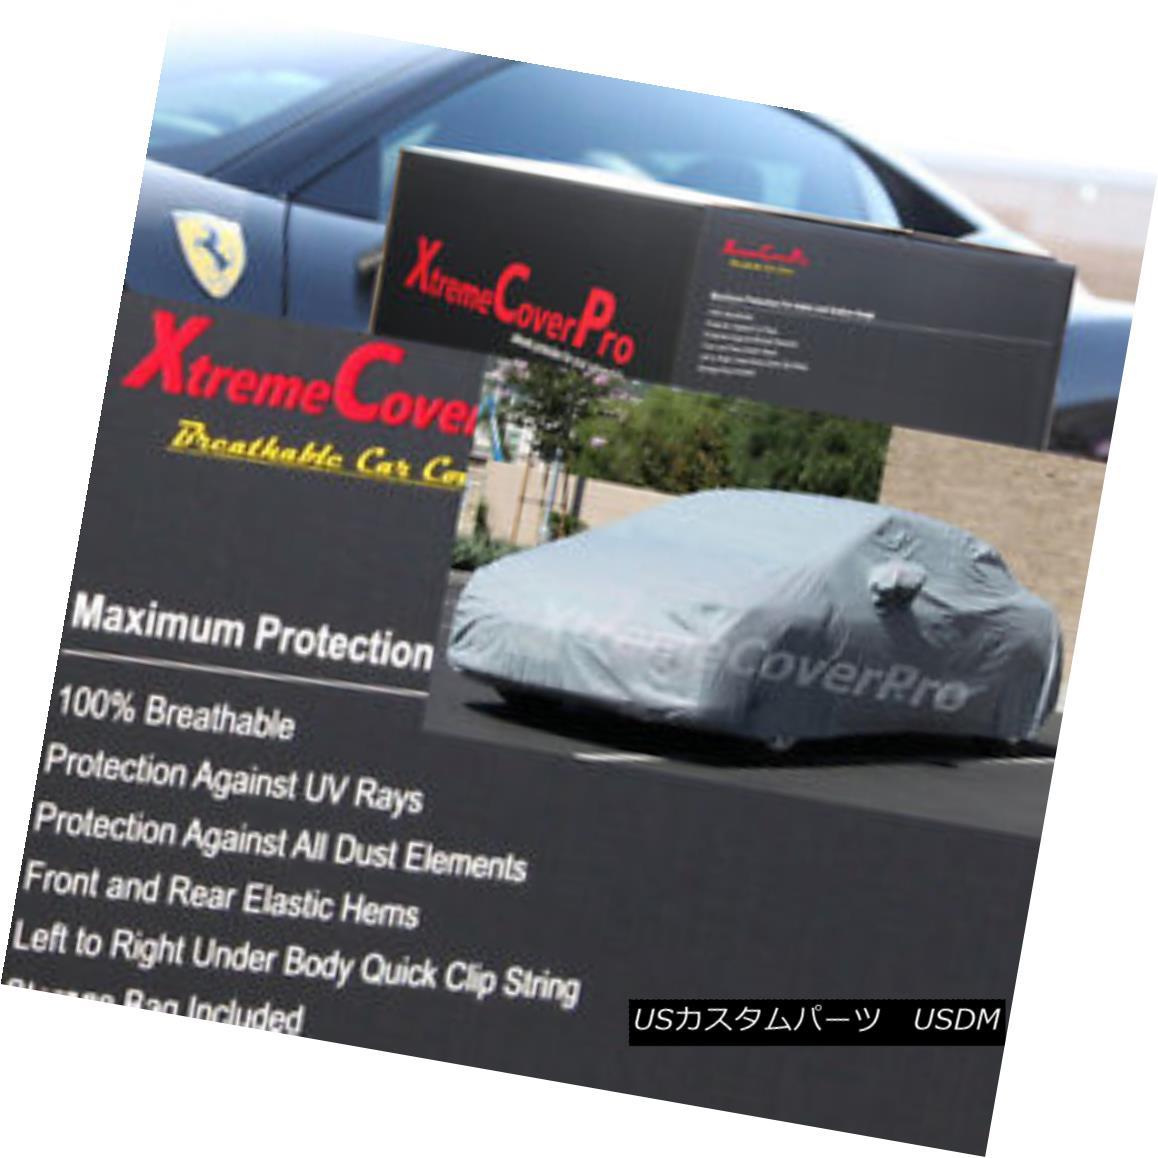 カーカバー 2007 2008 Jaguar XK XKR CONVERTIBLE Breathable Car Cover w/MirrorPocket 2007年ジャガーXK XKRコンバーチブル通気性車カバー付き(MirrorPocket)